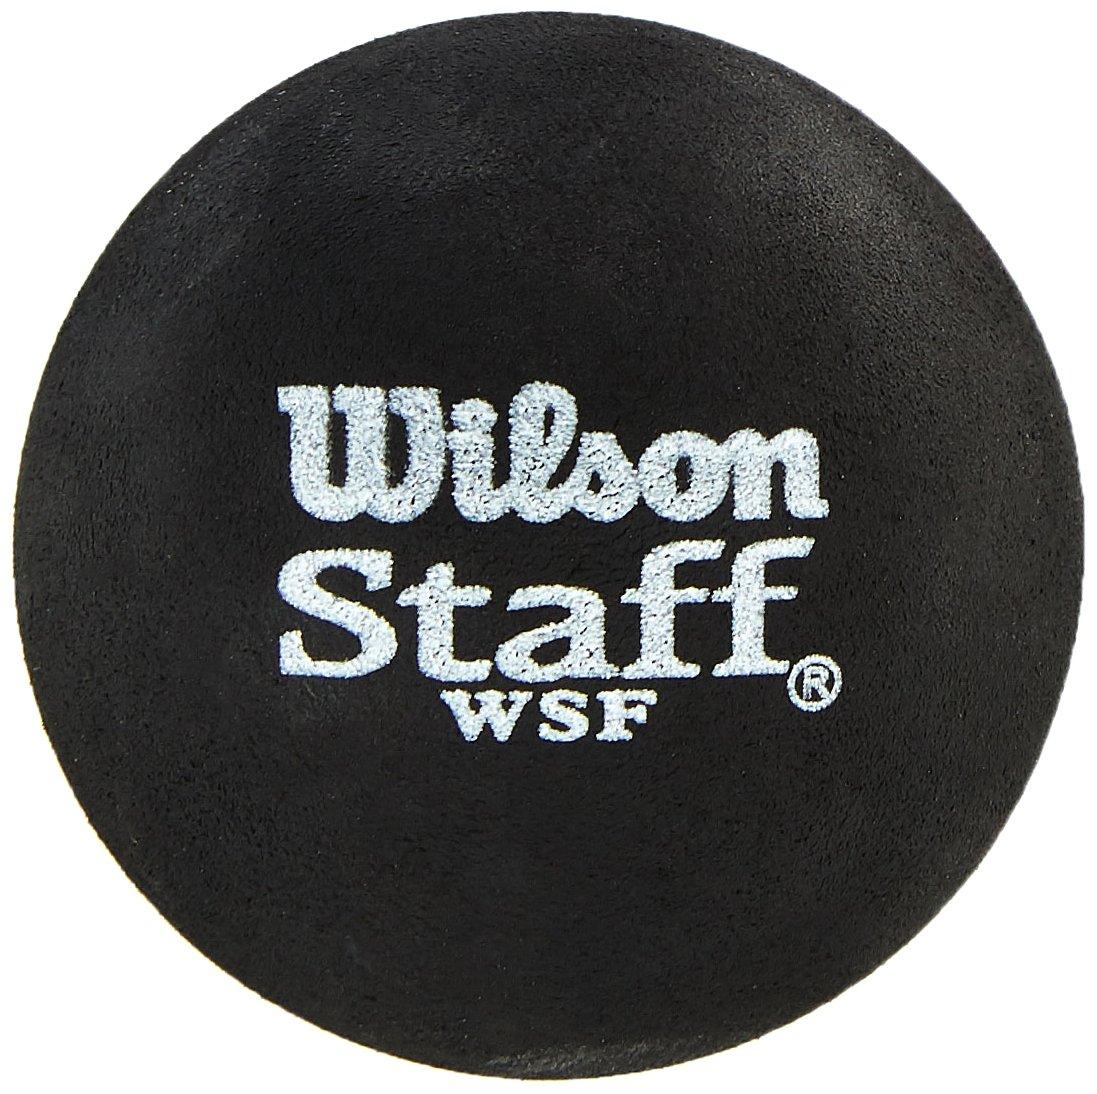 Wilson Balle de squash Intérieur, 2 Balles, Staff Squash, Noir Avancés Point jaune WRT617800 balles de squash